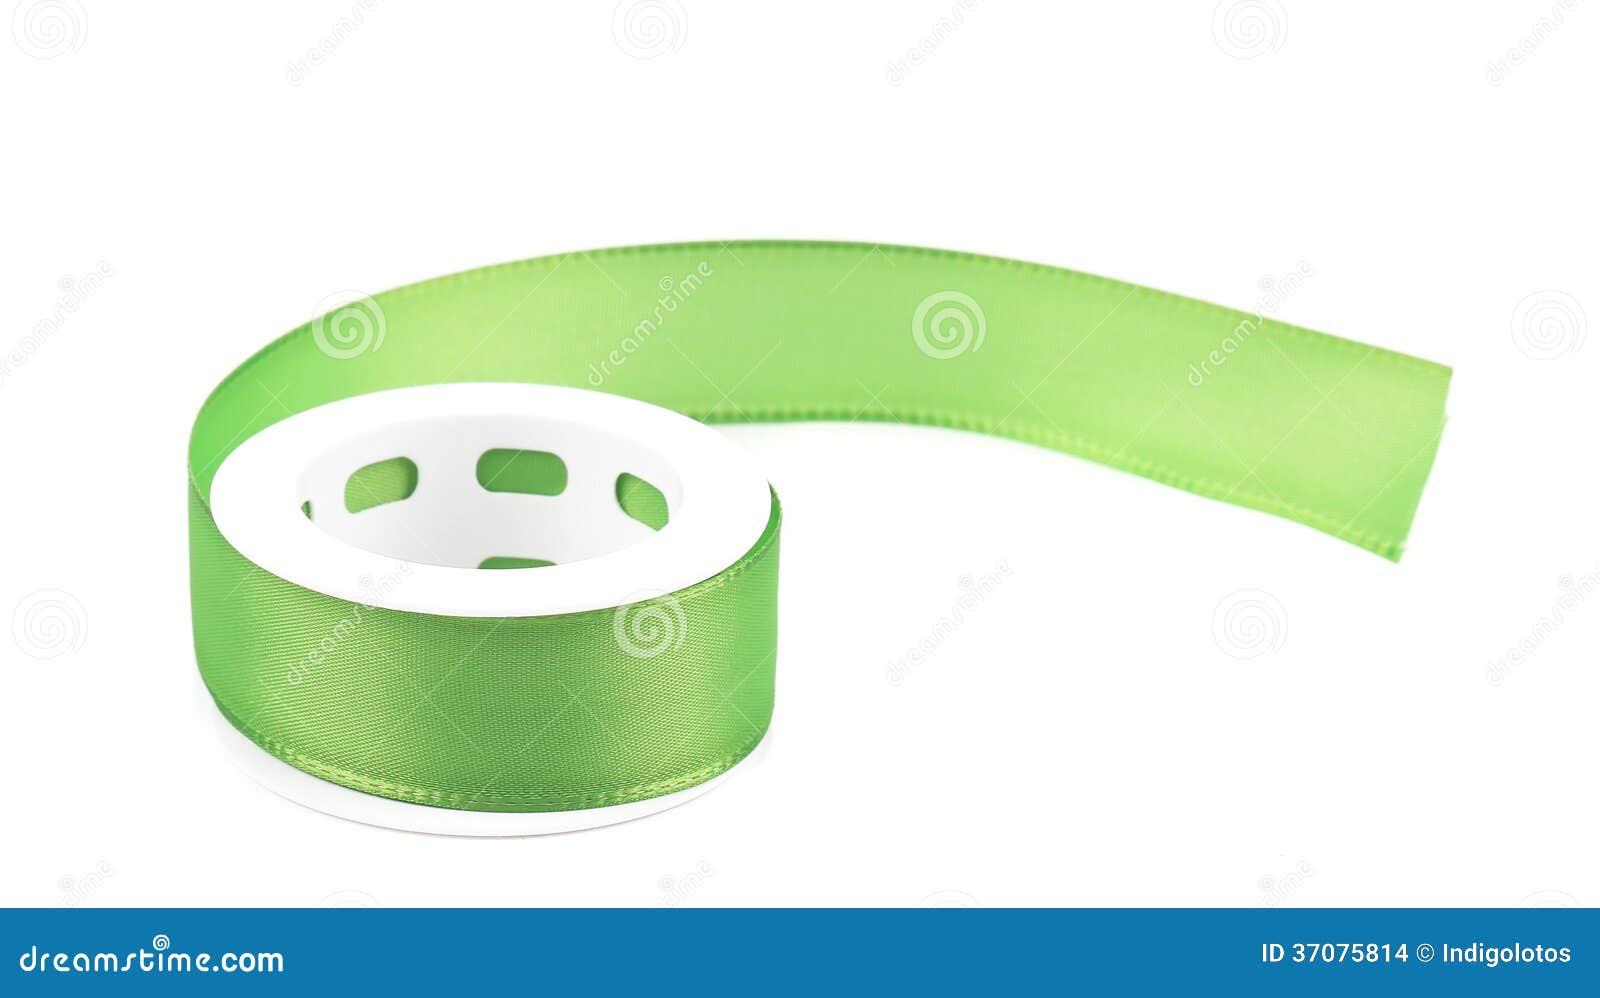 Download Zielony Jedwabniczy Dekoracyjny Faborek. Zdjęcie Stock - Obraz złożonej z obdarzony, wzór: 37075814